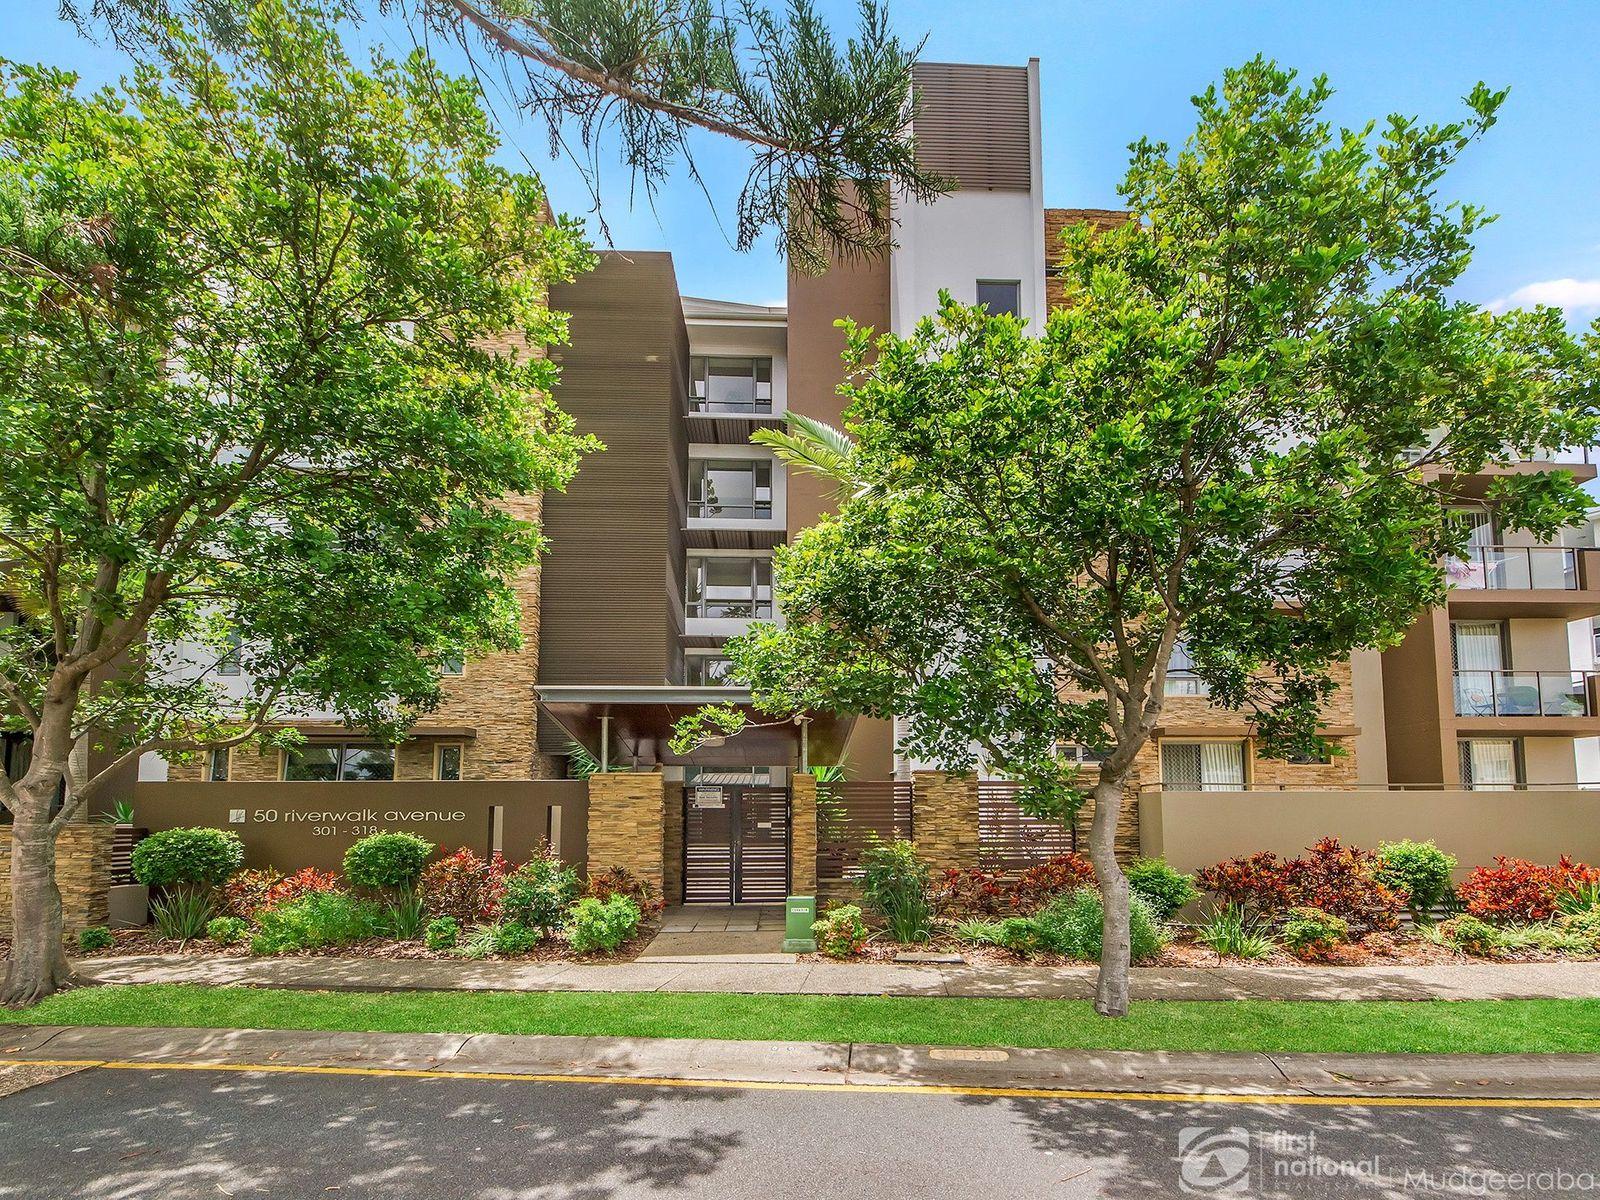 305/50 Riverwalk Avenue, Robina, QLD 4226